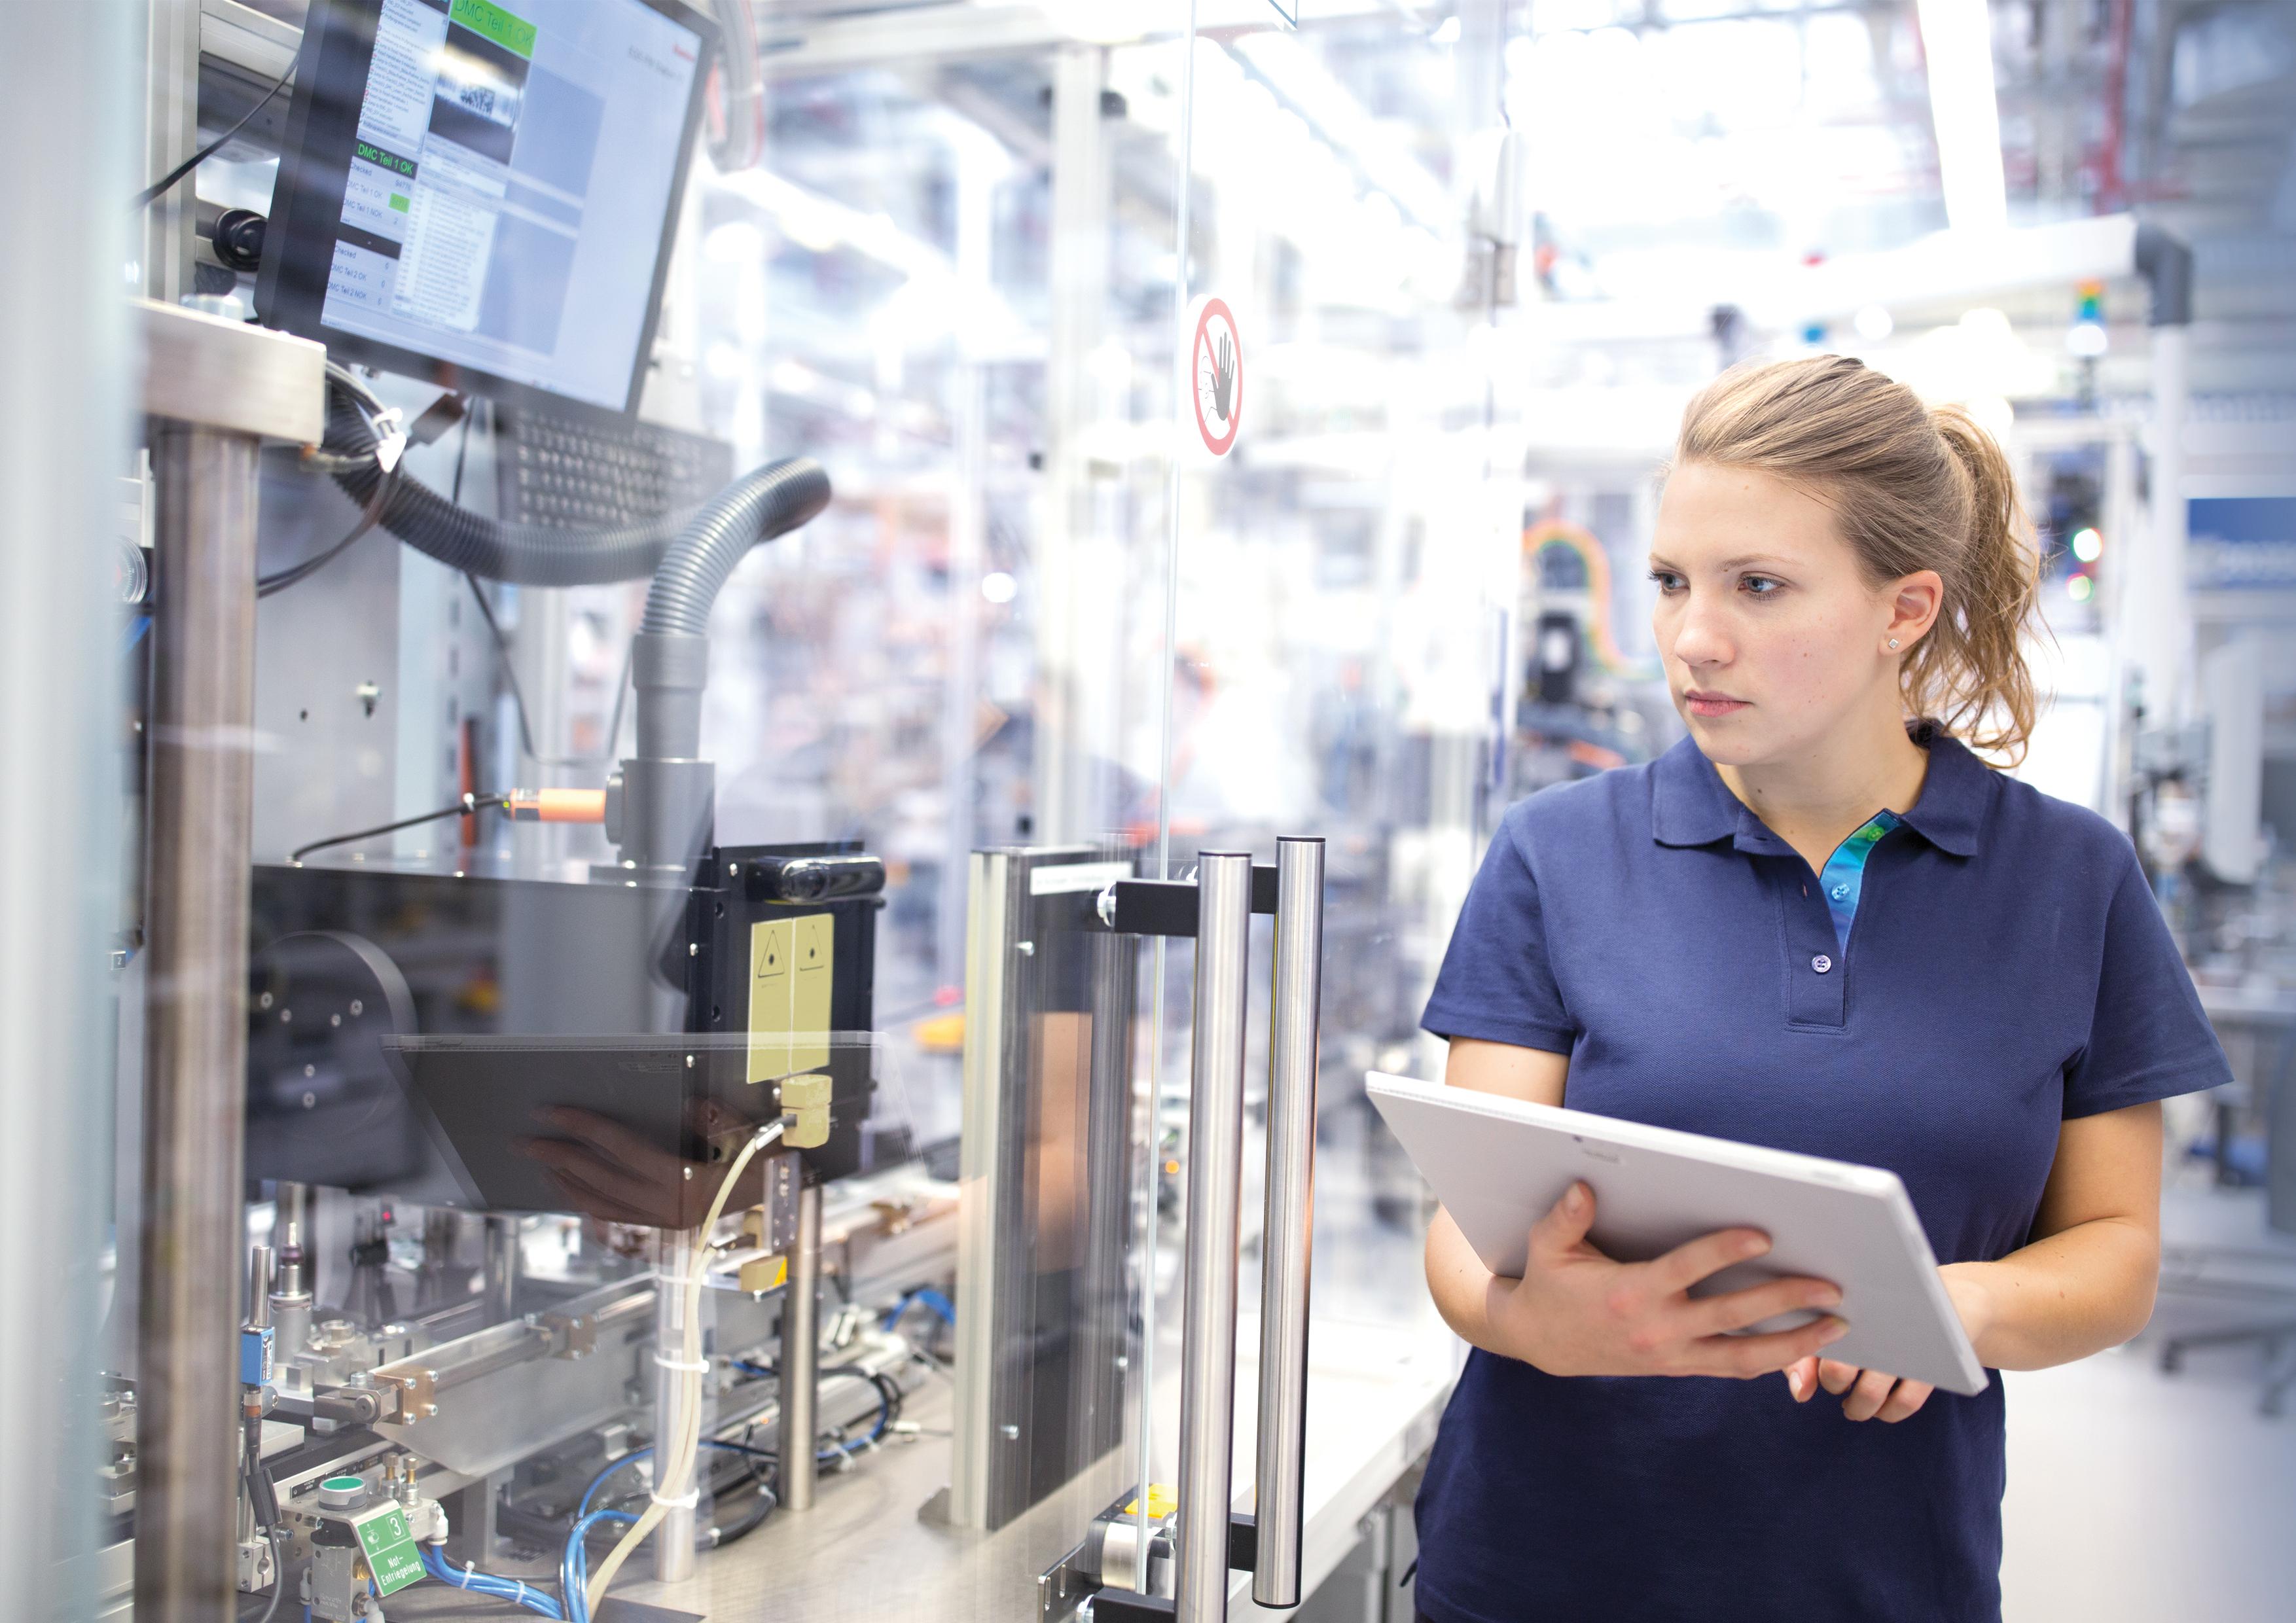 Propojený průmyslový software usnadňuje práci ve výrobě a logistice